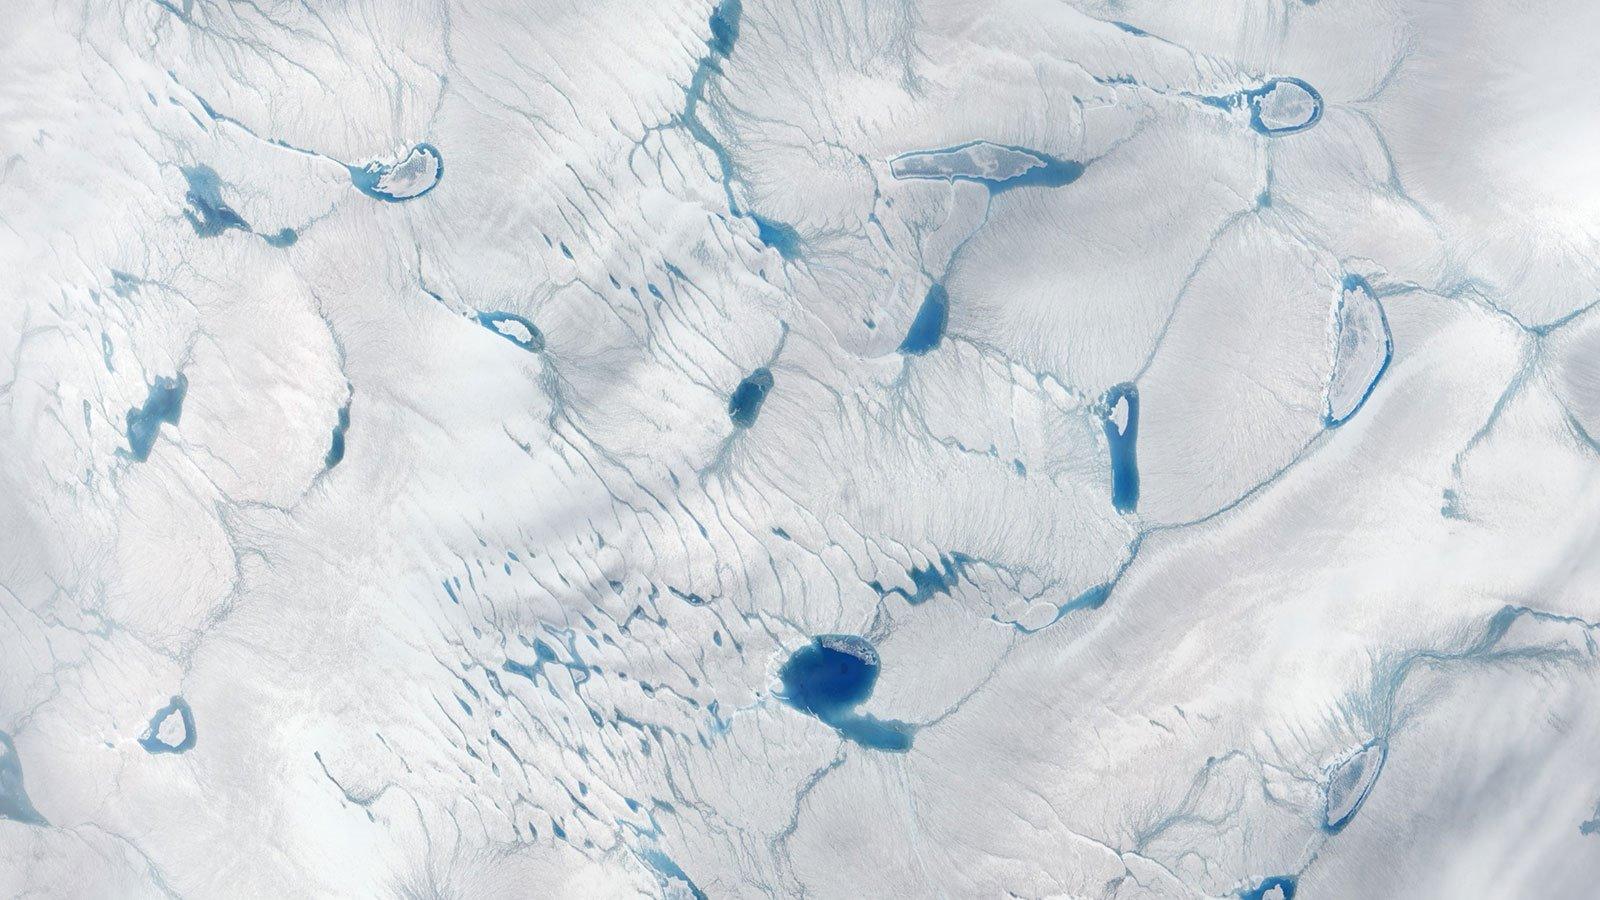 Groenlandia alcanza un punto de no retorno 2/2